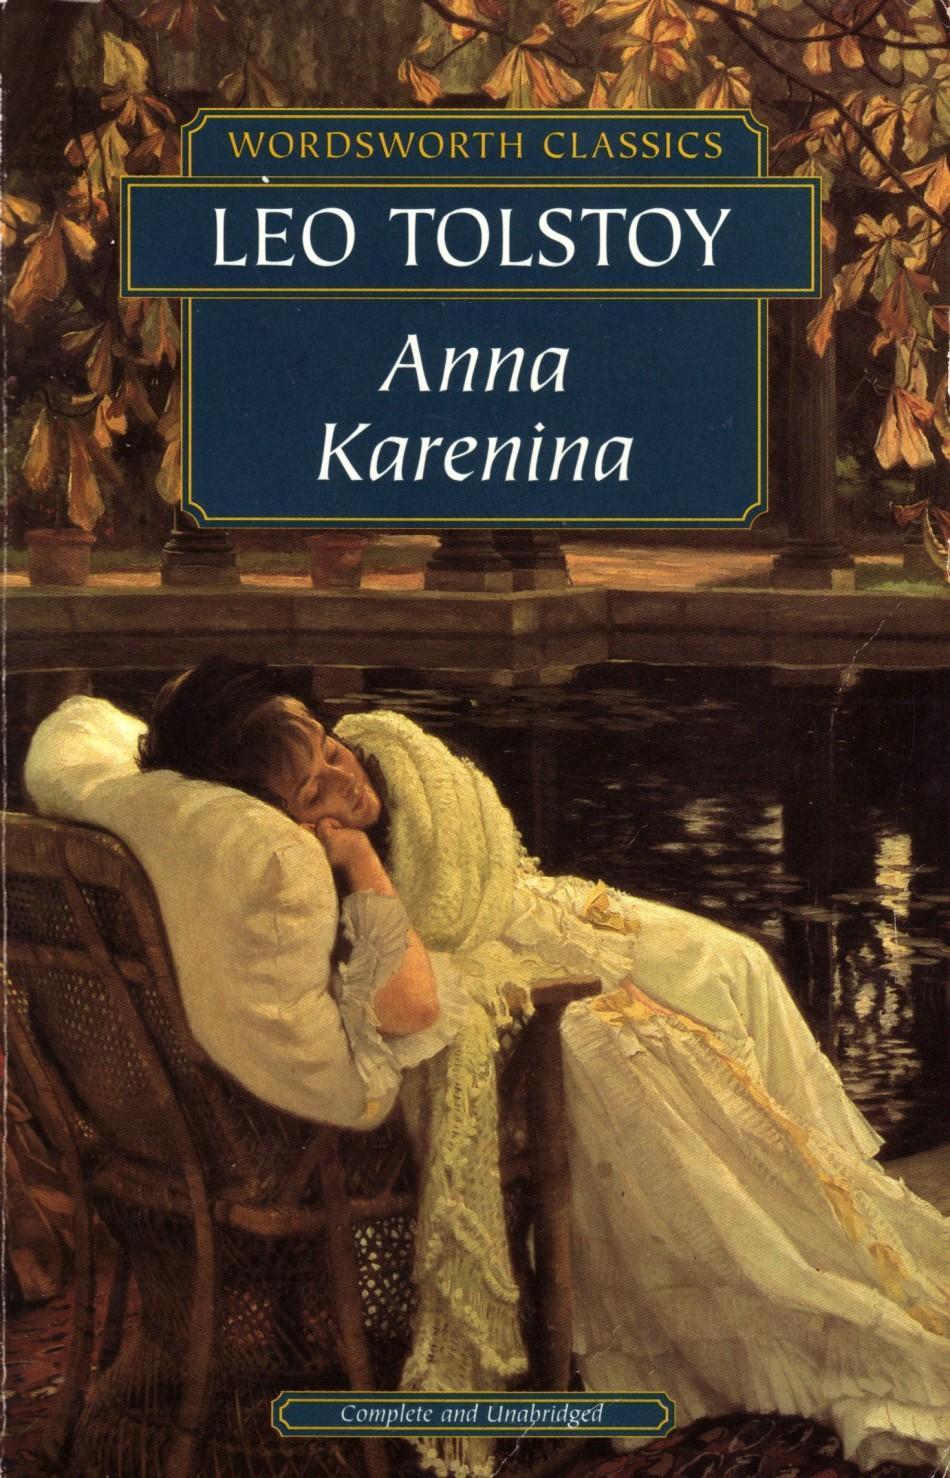 Anna karenina book review